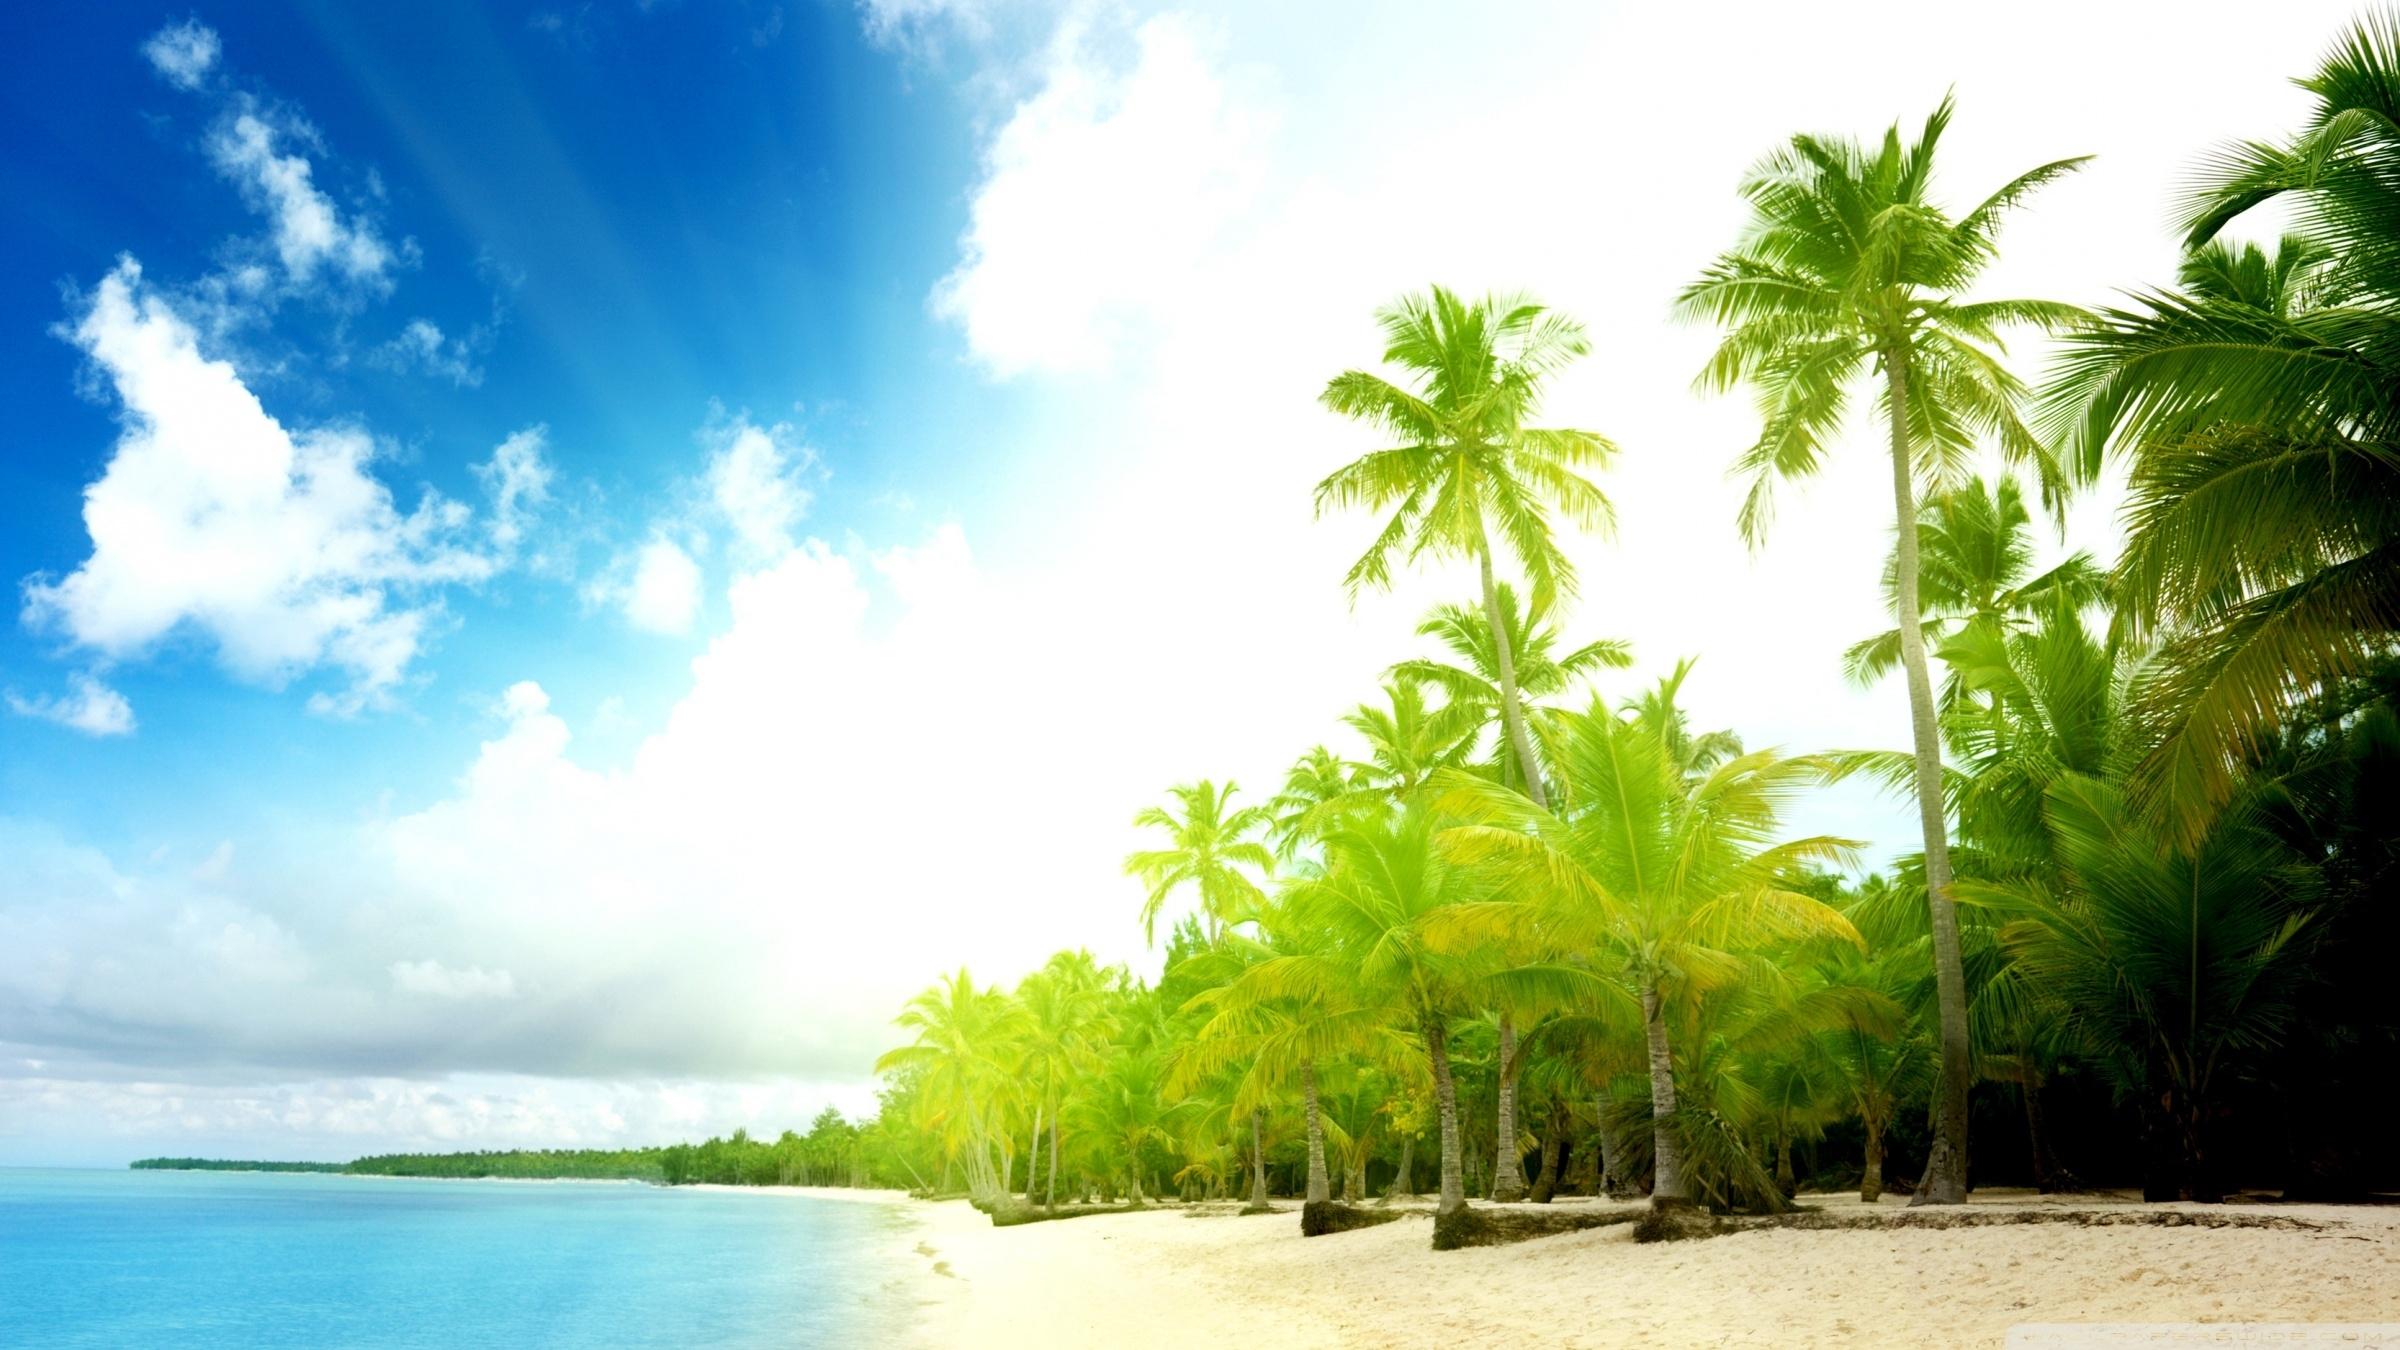 palm trees beach ❤ 4k hd desktop wallpaper for 4k ultra hd tv